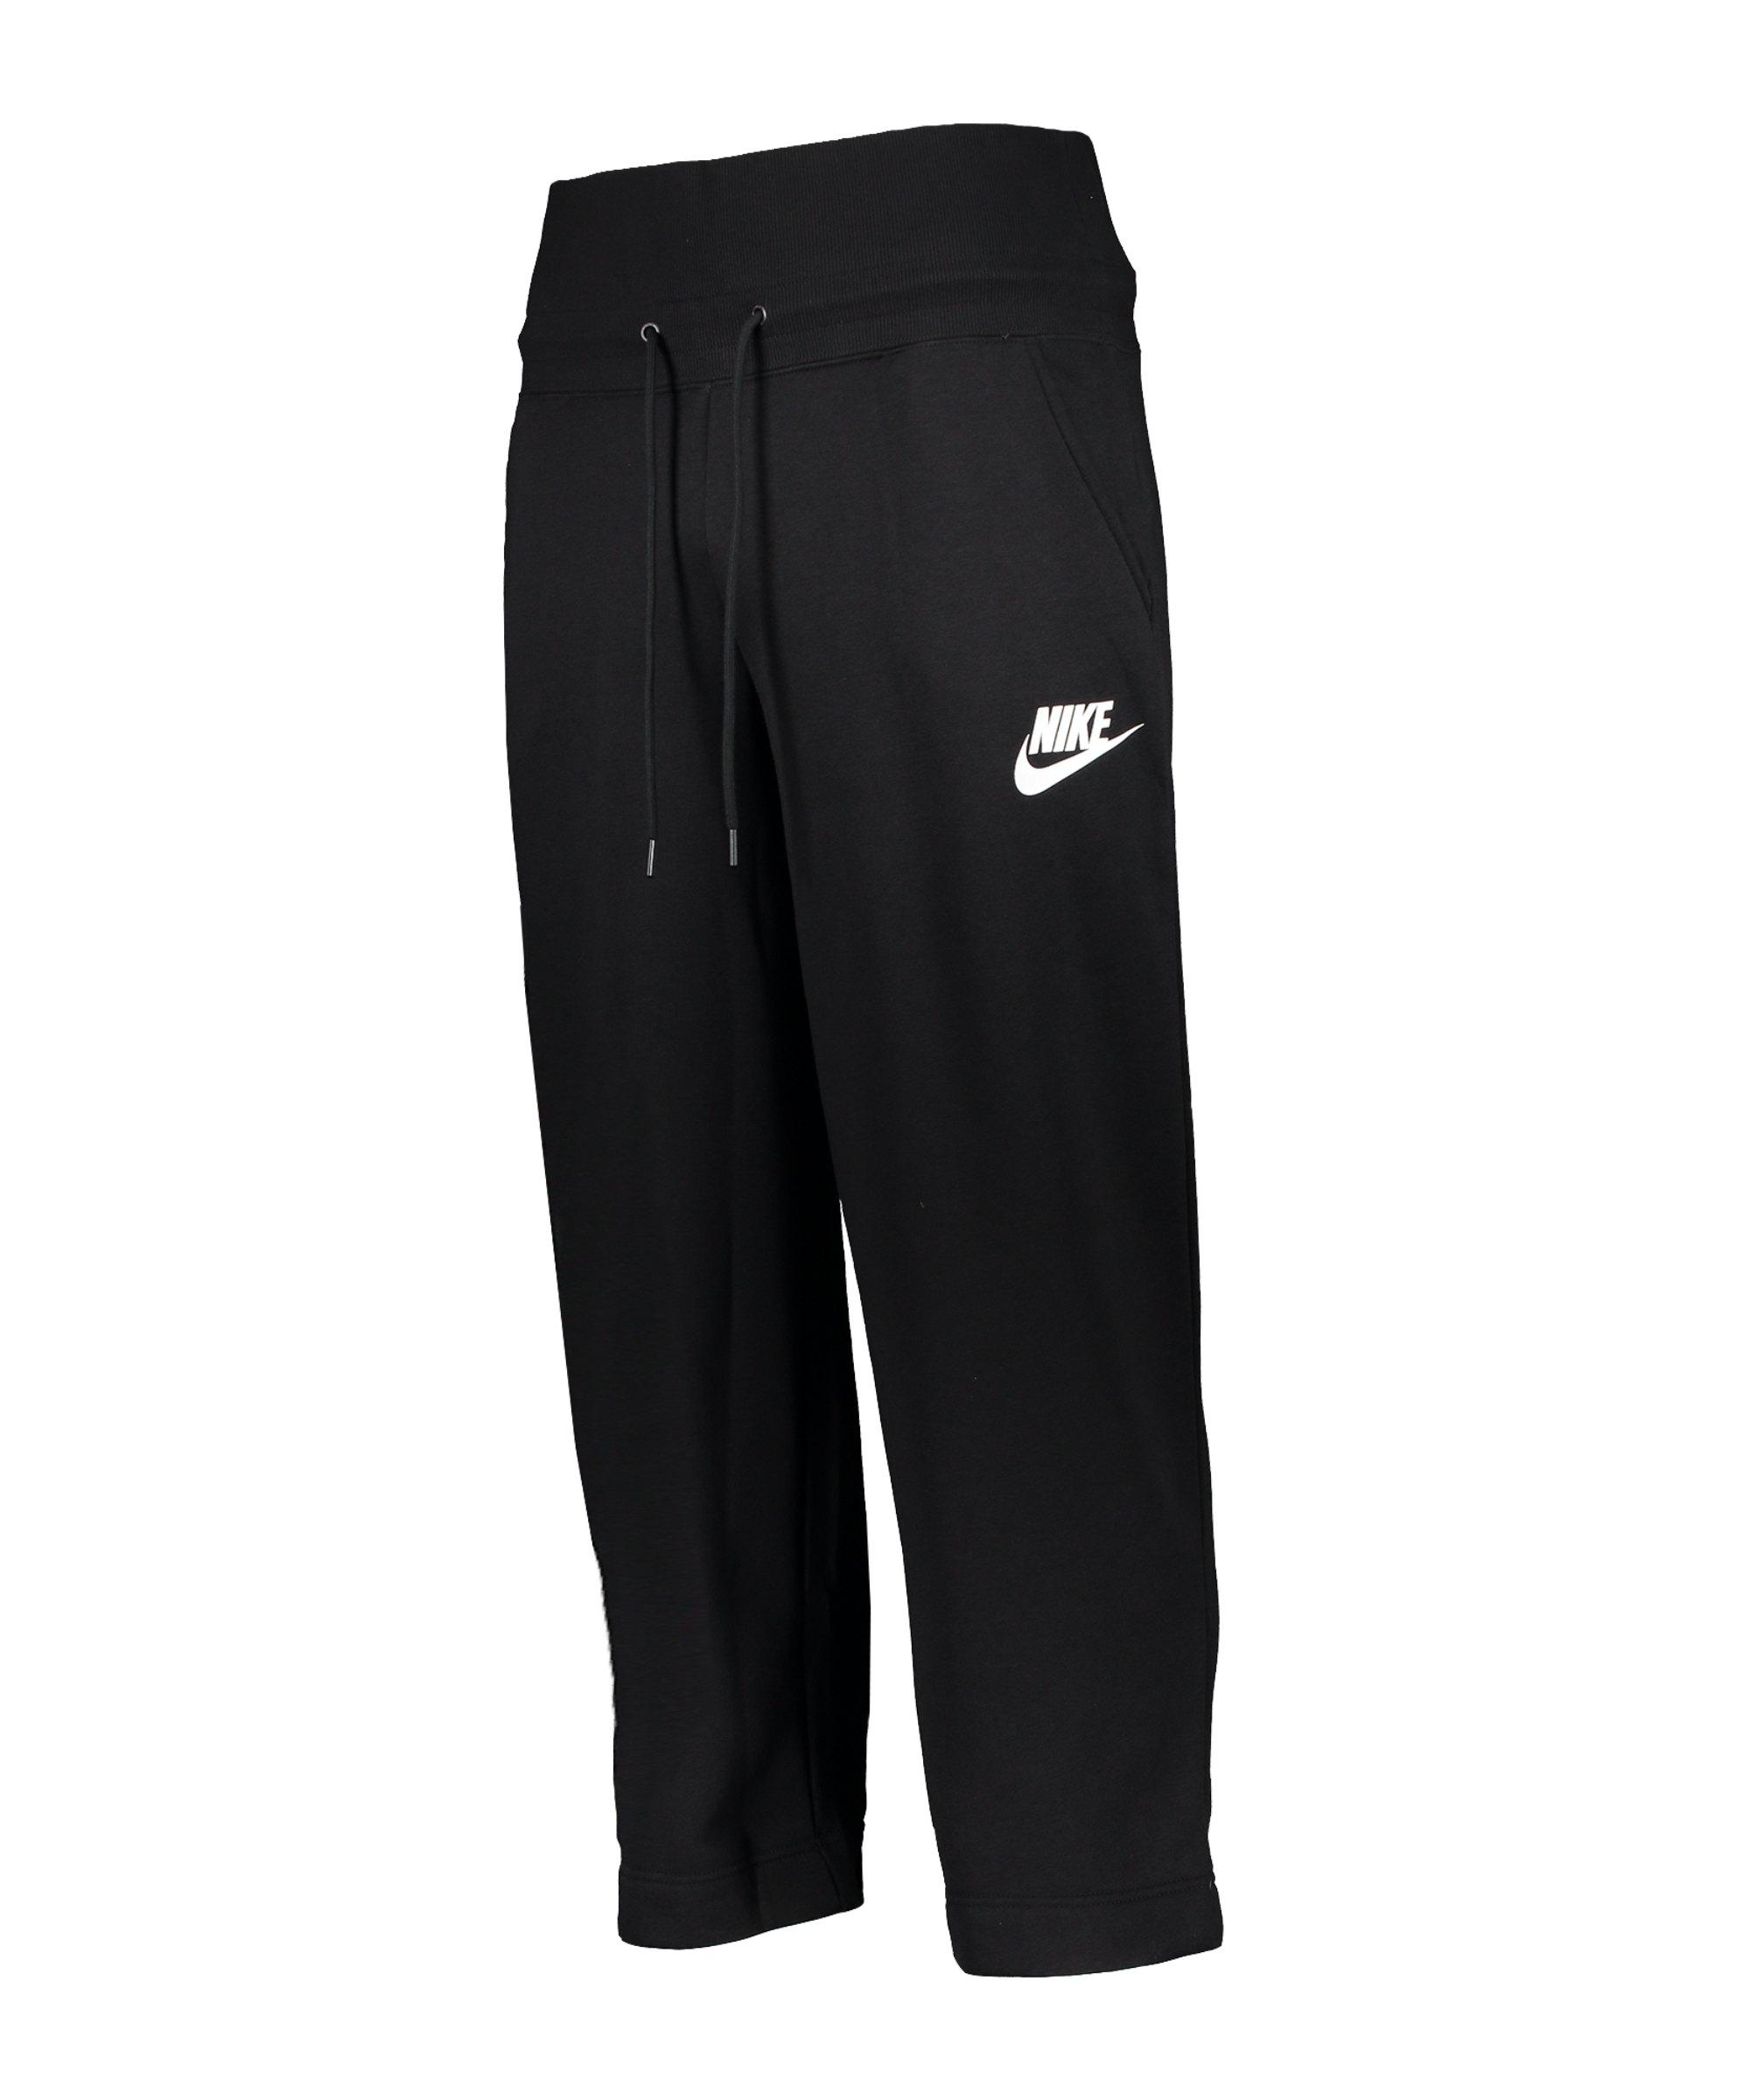 Nike Rally Jogginghose Damen Schwarz Weiss F010 - schwarz